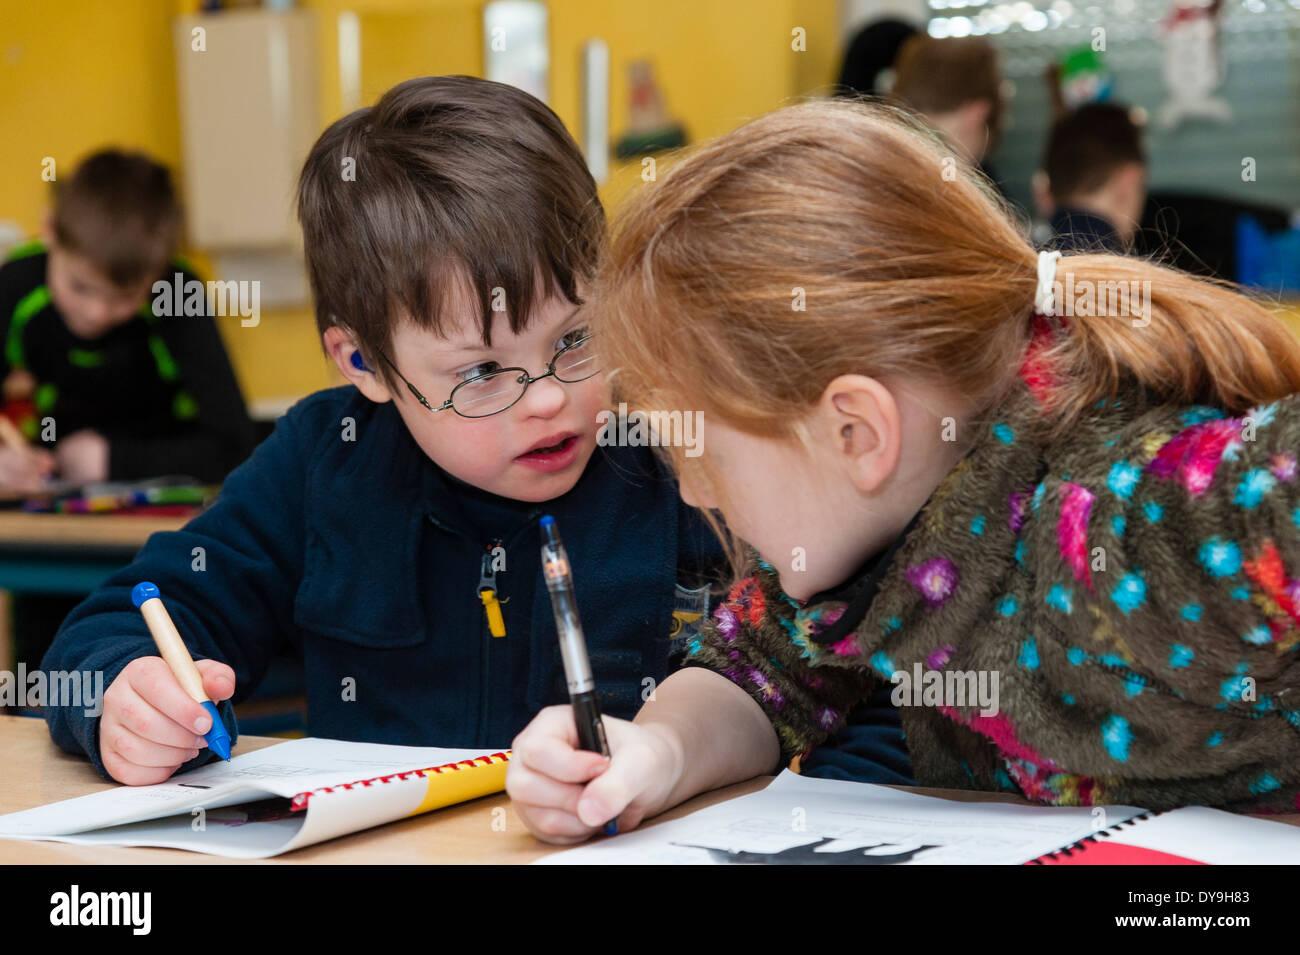 Non-disabili e gli alunni disabili (in questo caso un ragazzo che soffre di sindrome di Down) imparare insieme nella stessa classe. Immagini Stock